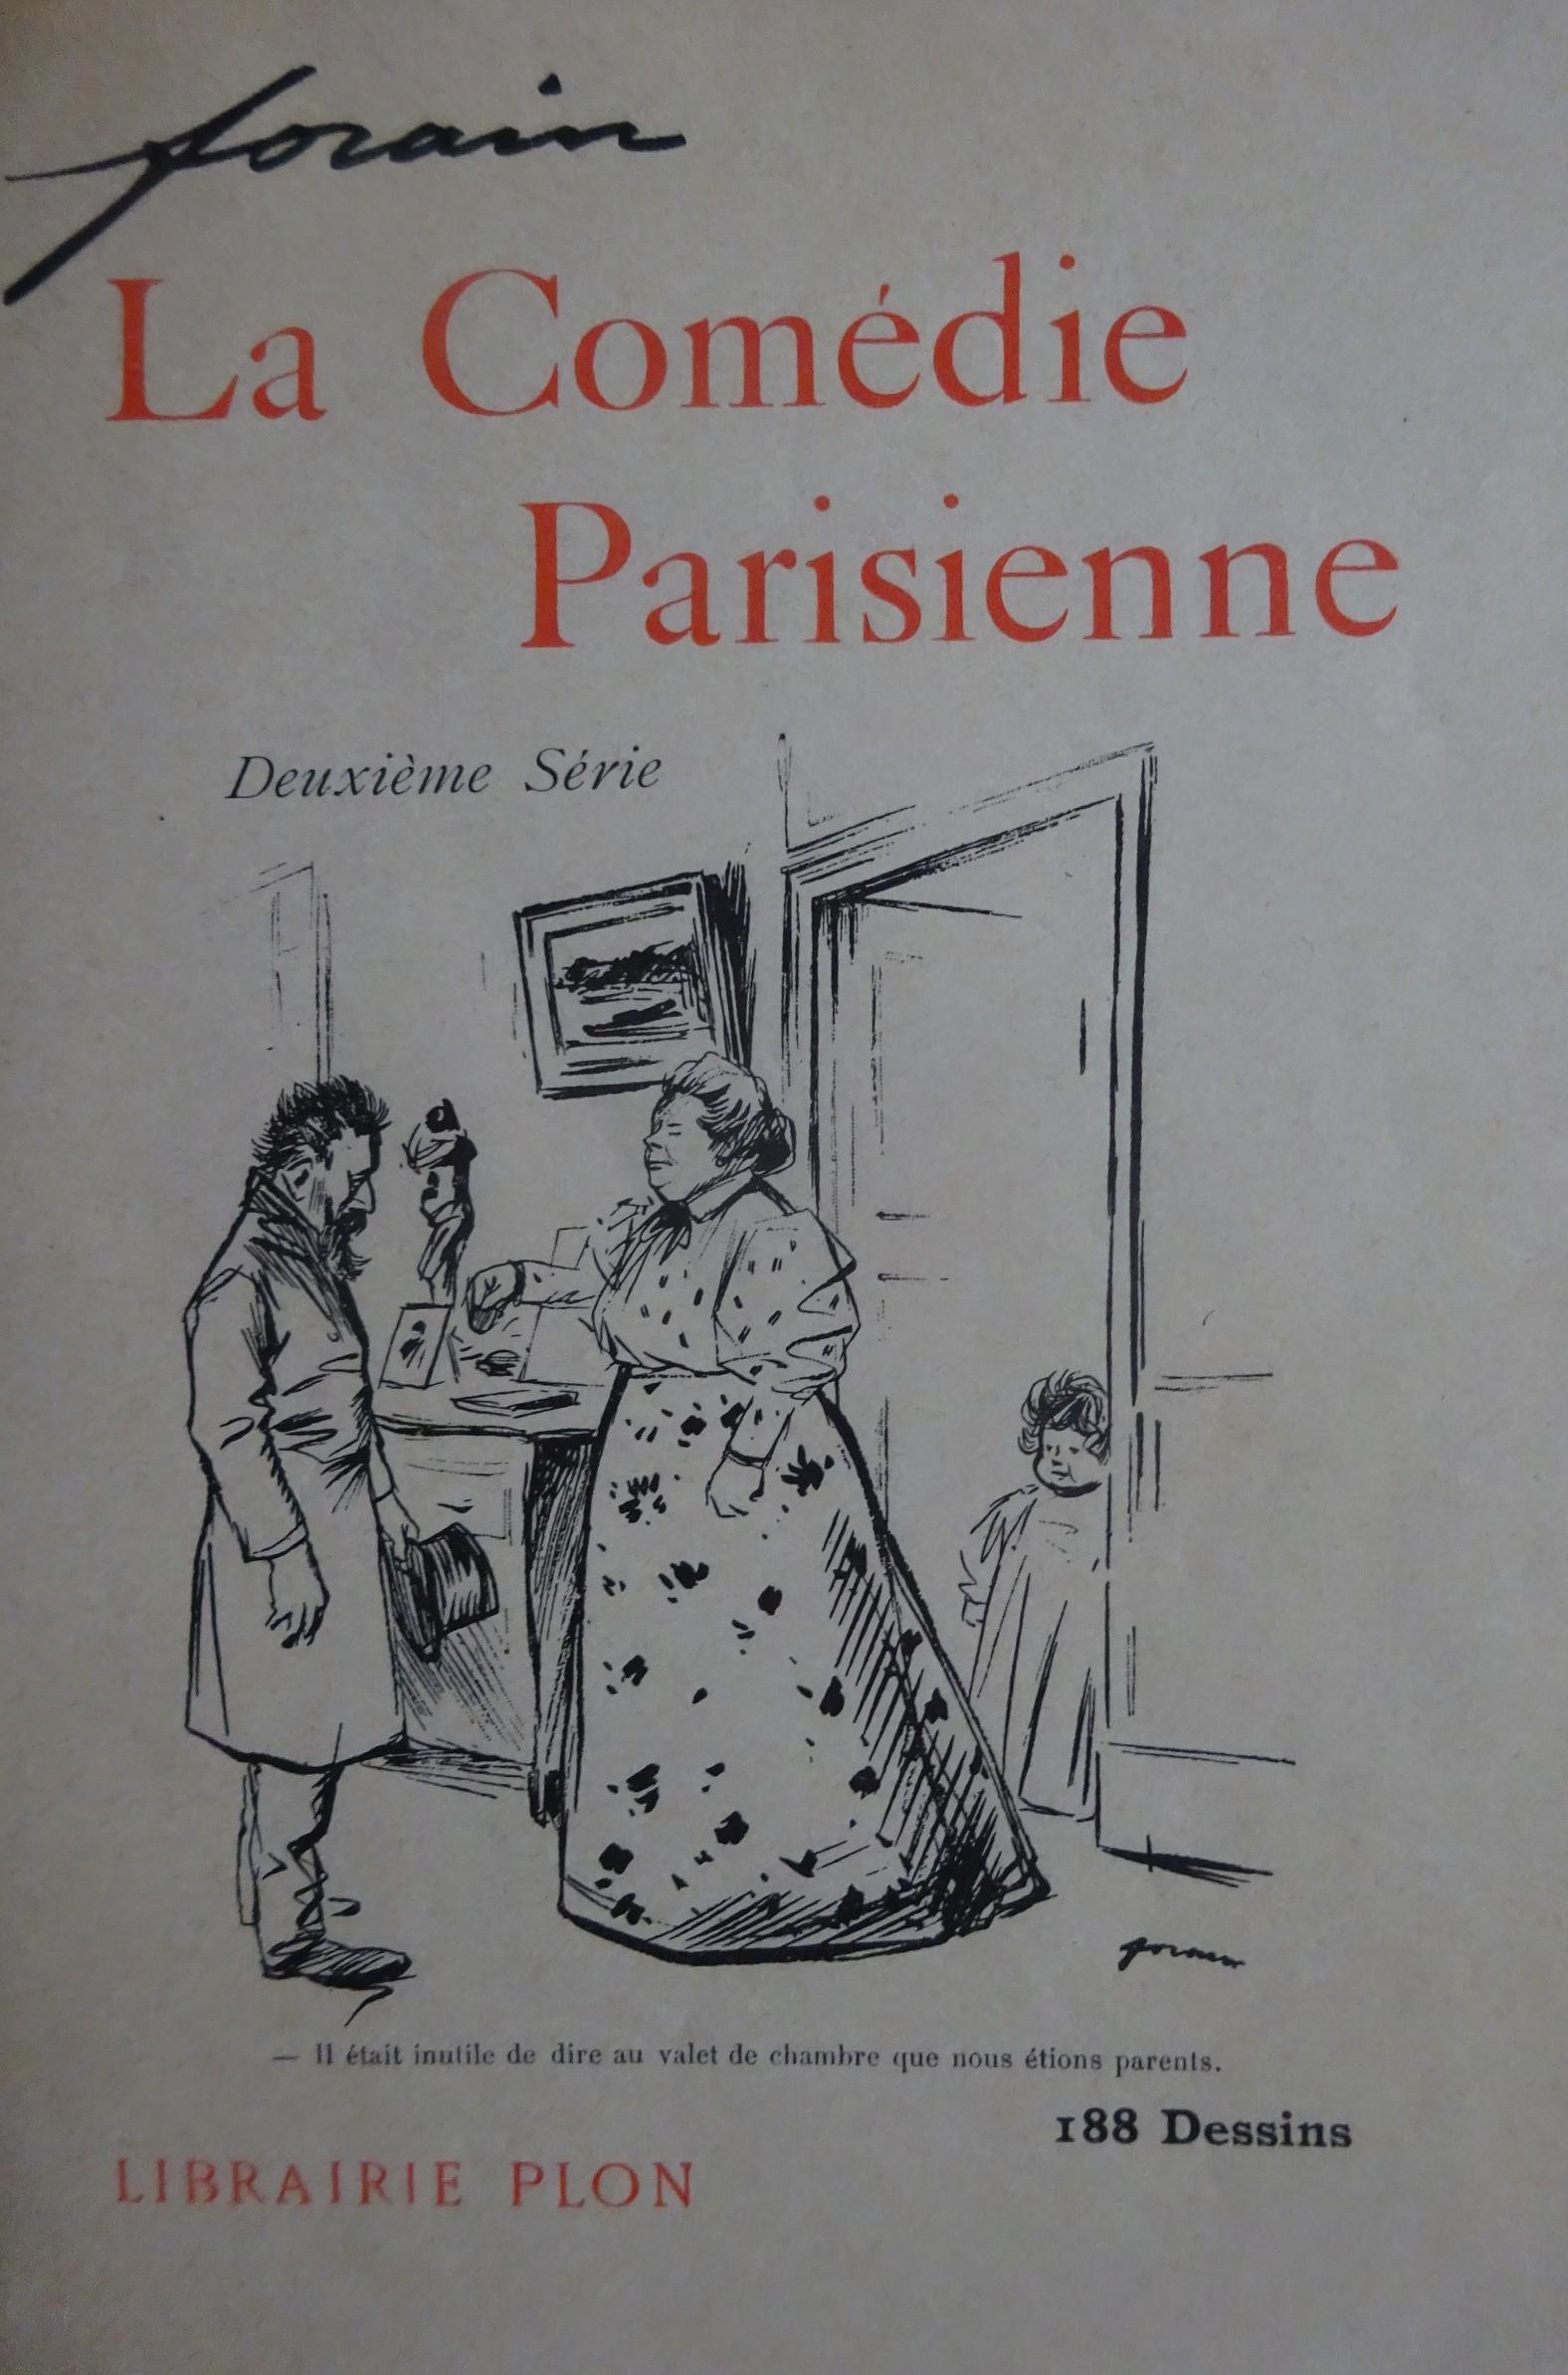 La Comédie parisienne. Deuxième série sur chine